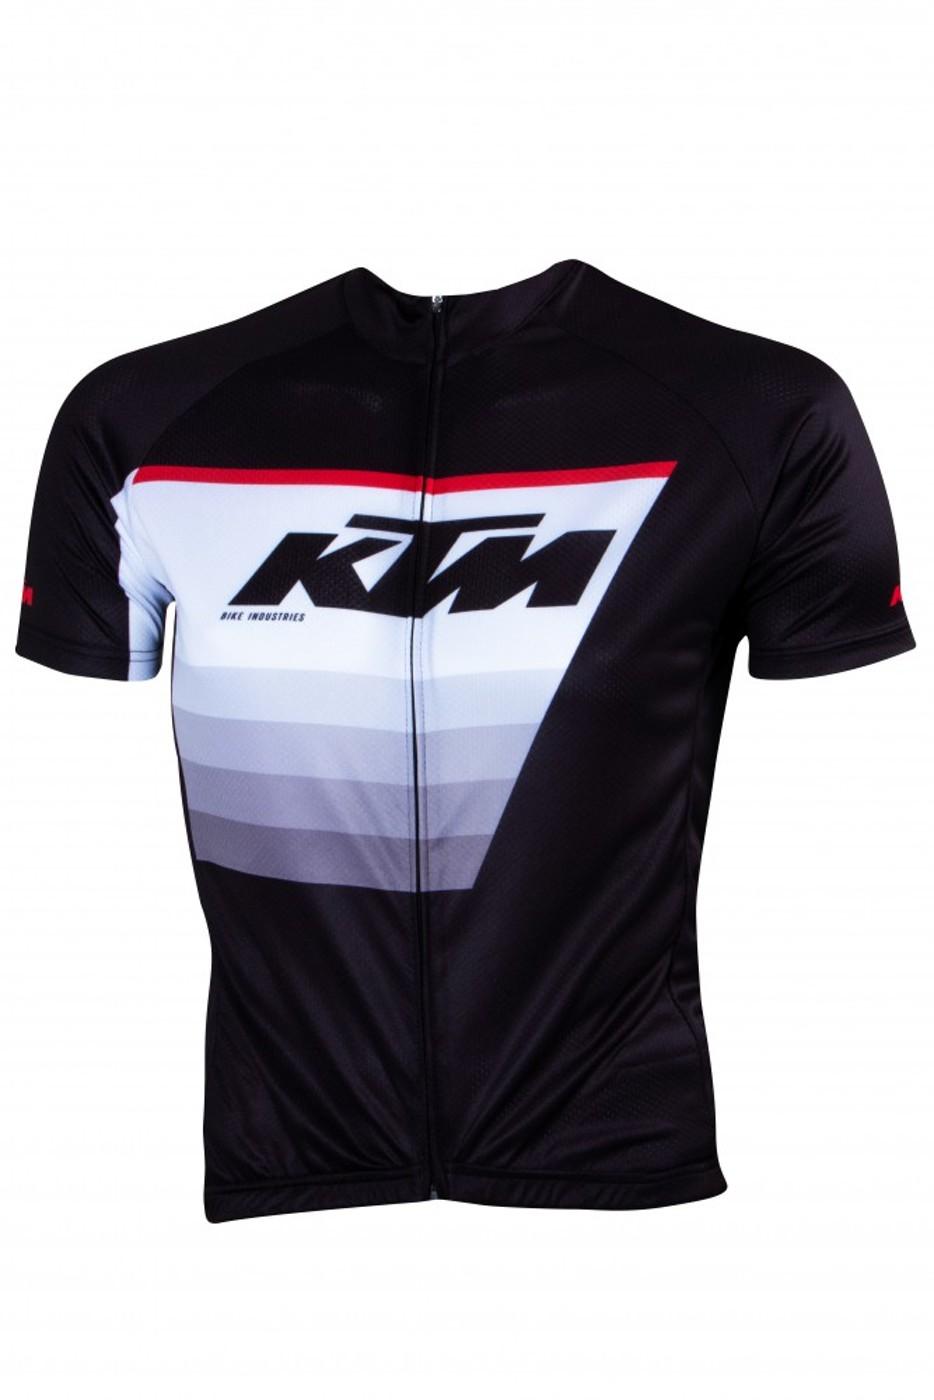 KTM Factory Line Race Jersey short - Herren